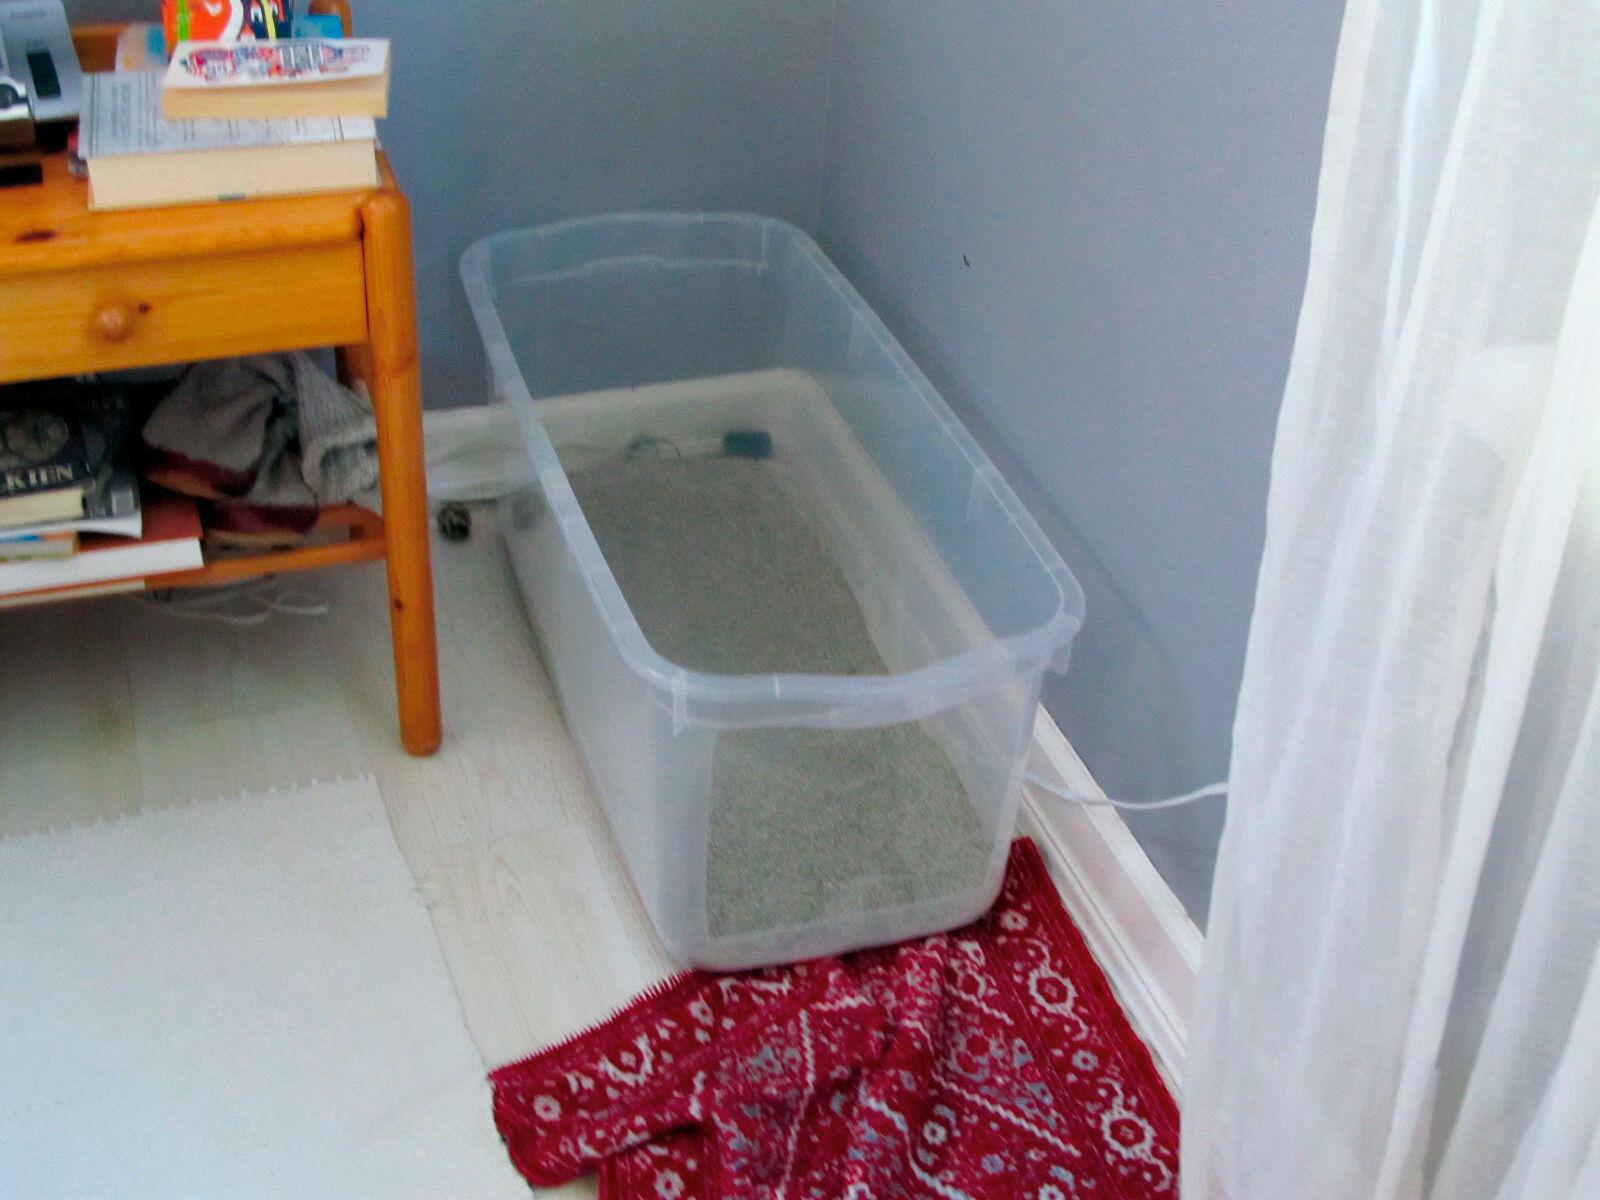 Figura 4. Le vaschette per lettiera devono essere distribuite in tutta la casa ed essere grandi e pulite. Ogni singolo gatto ha preferenze diverse per il tipo e la profondità della lettiera, ma i substrati simili alla sabbia o all'argilla fine sono prontamente accettati dalla maggior parte dei gatti.